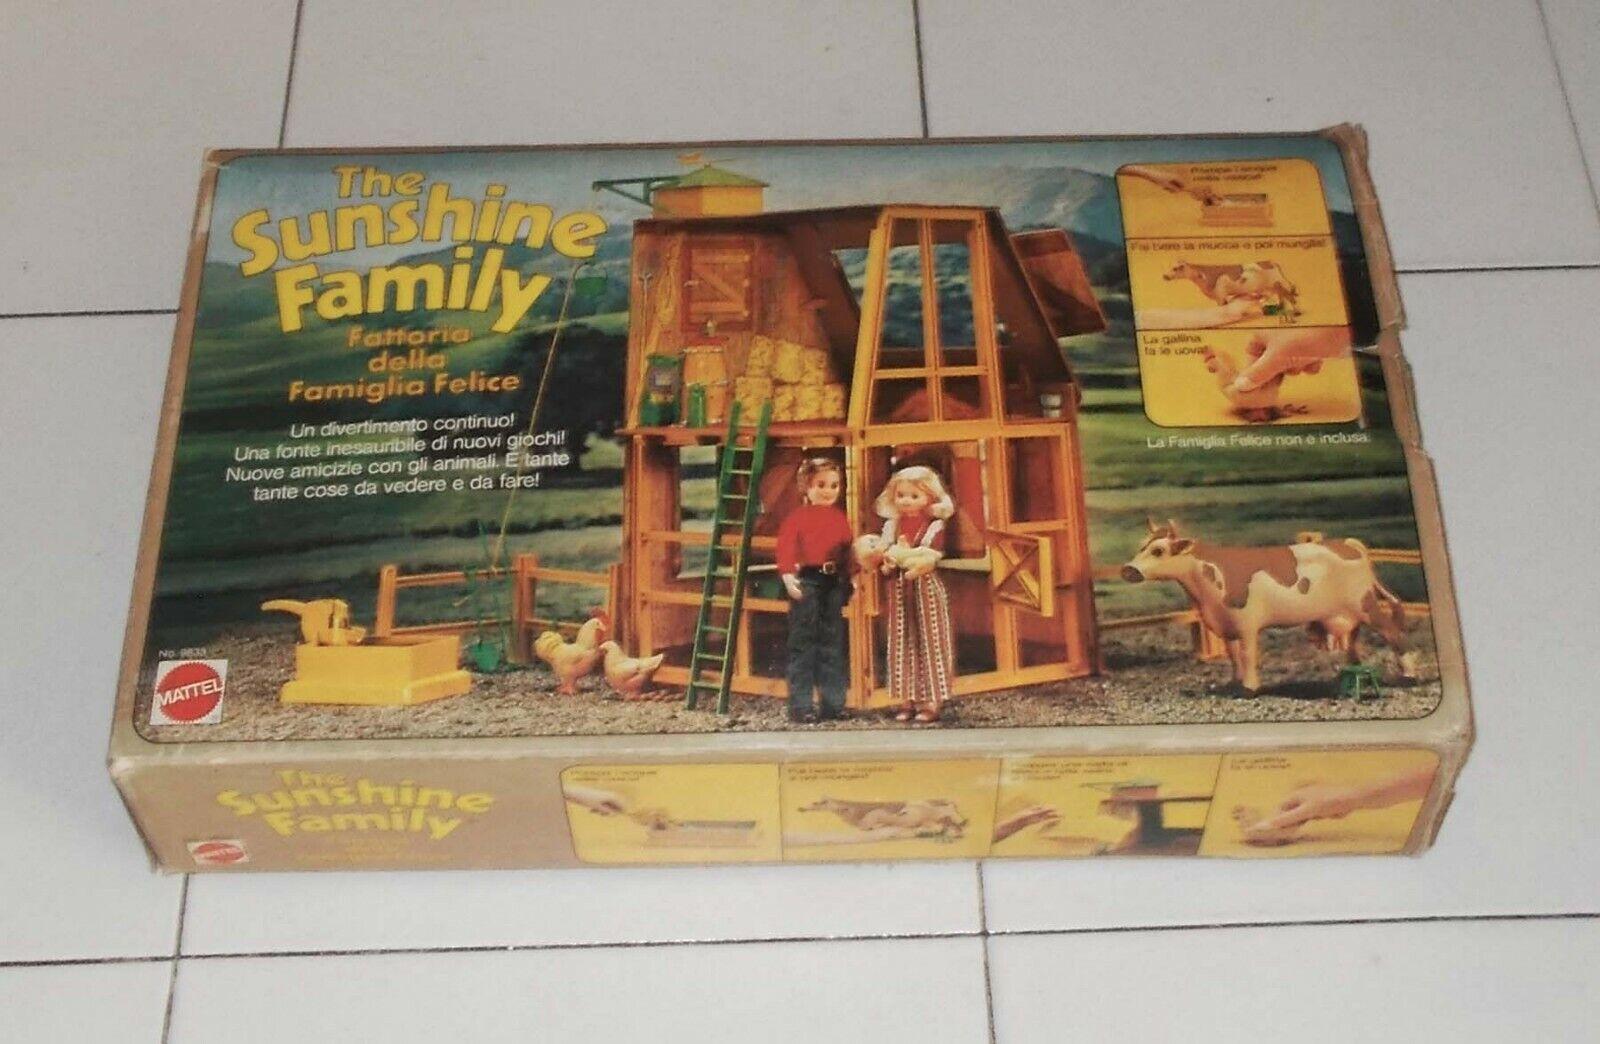 The Sunshine family FATTORIA DELLA FAMIGLIA FELICE Mattel 1976 art 9833